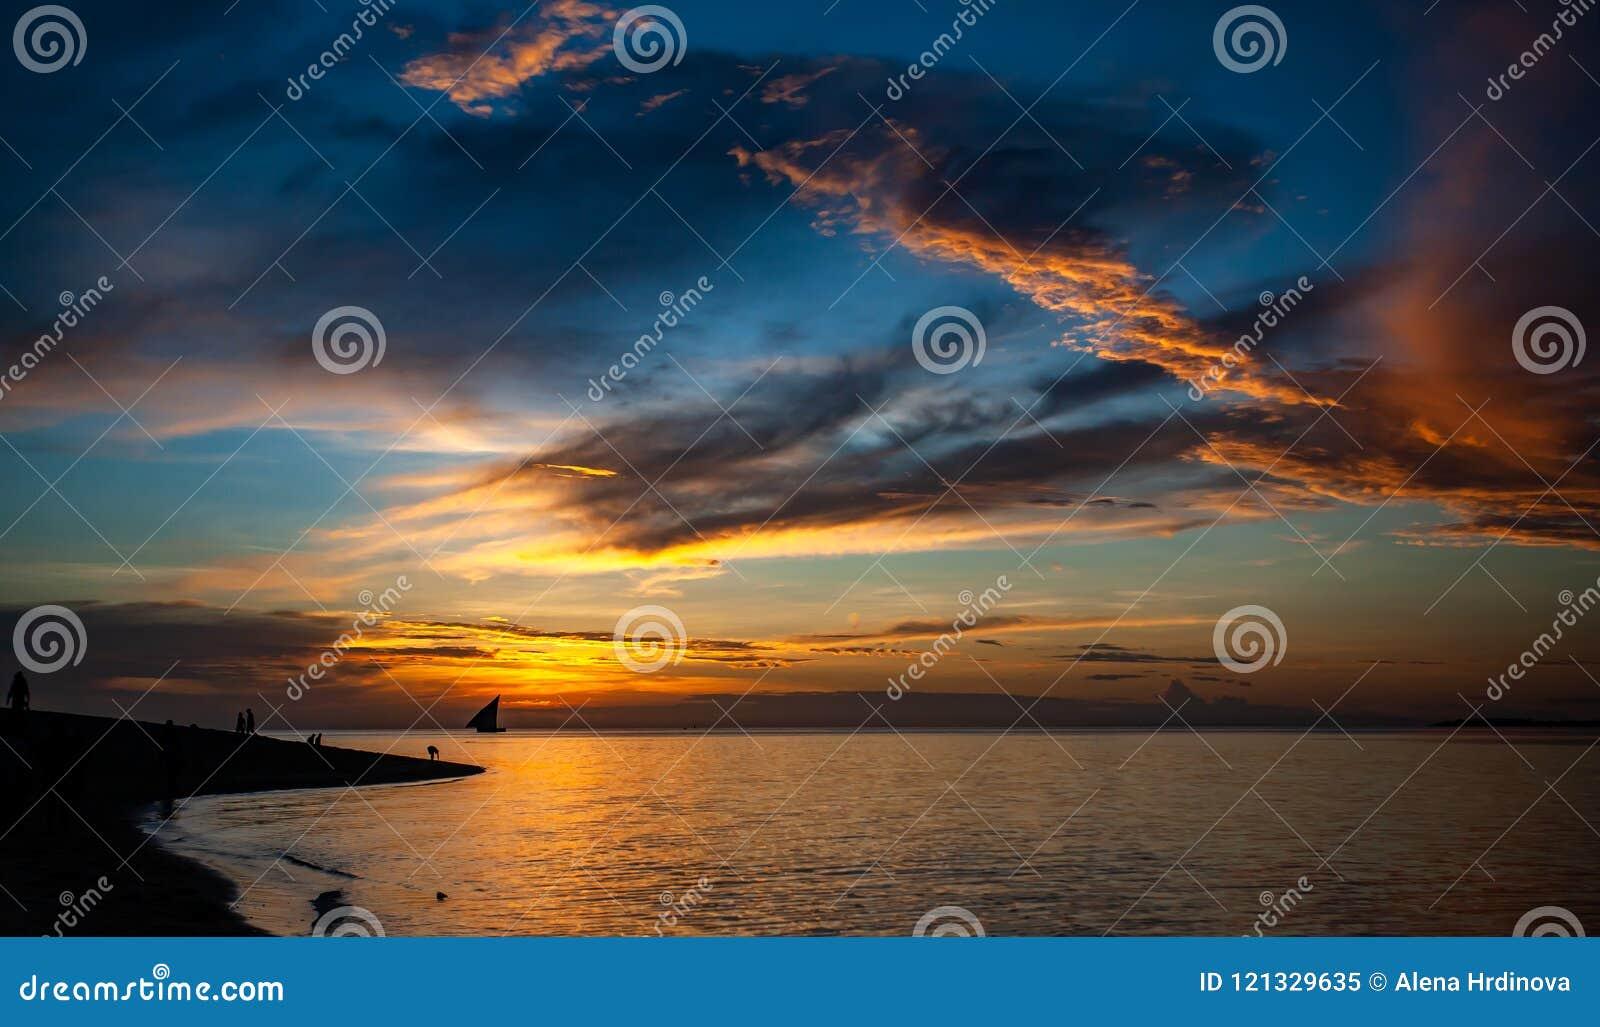 黄昏在热带天堂,与云彩的剧烈的天空